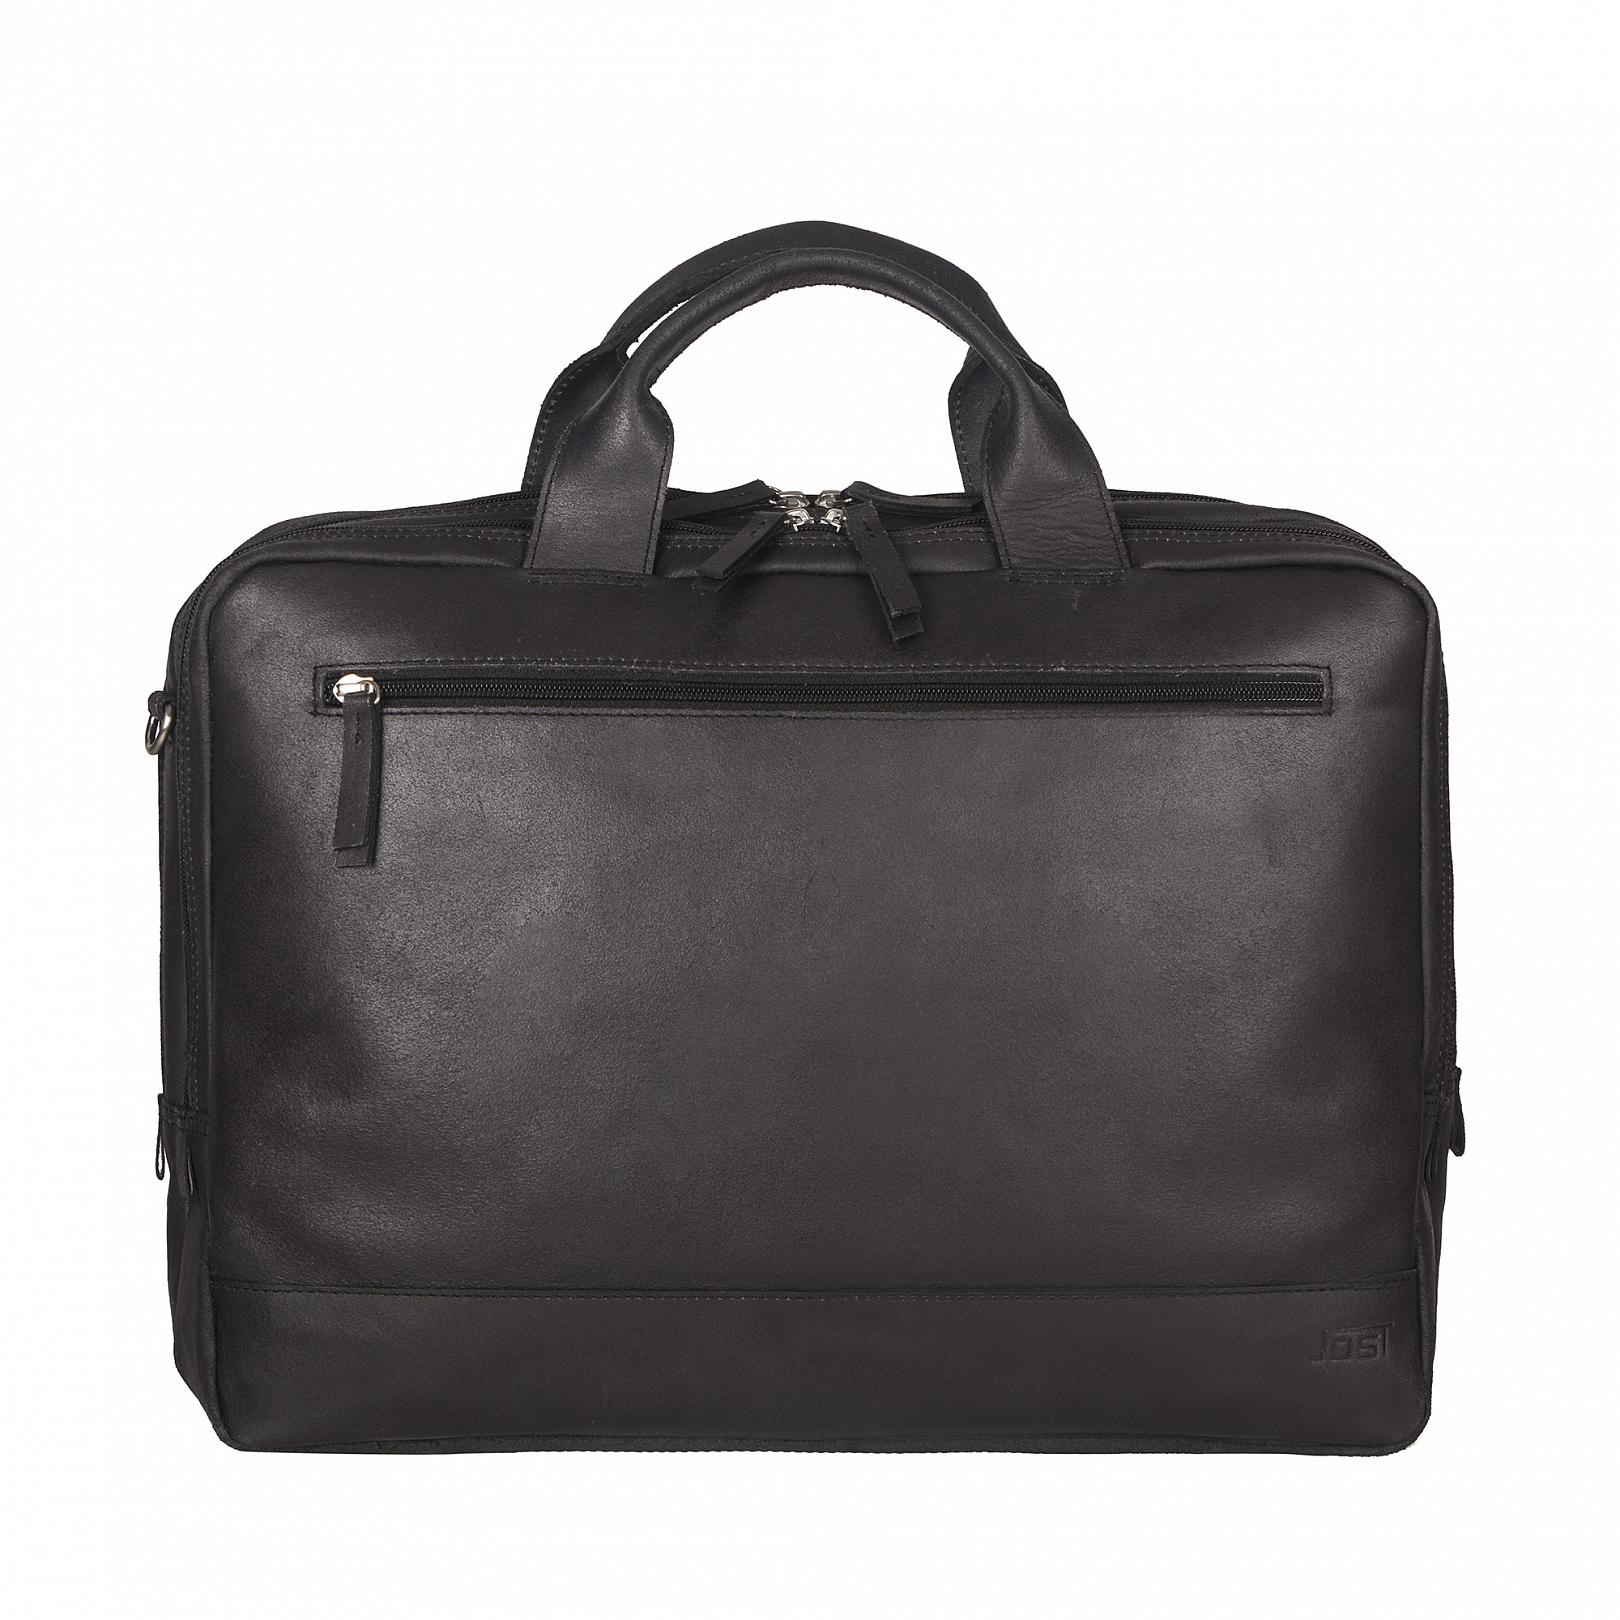 JOST Kožená byznys taška na notebook NARVIK 1347 černá - Glami.cz 06b429ed88